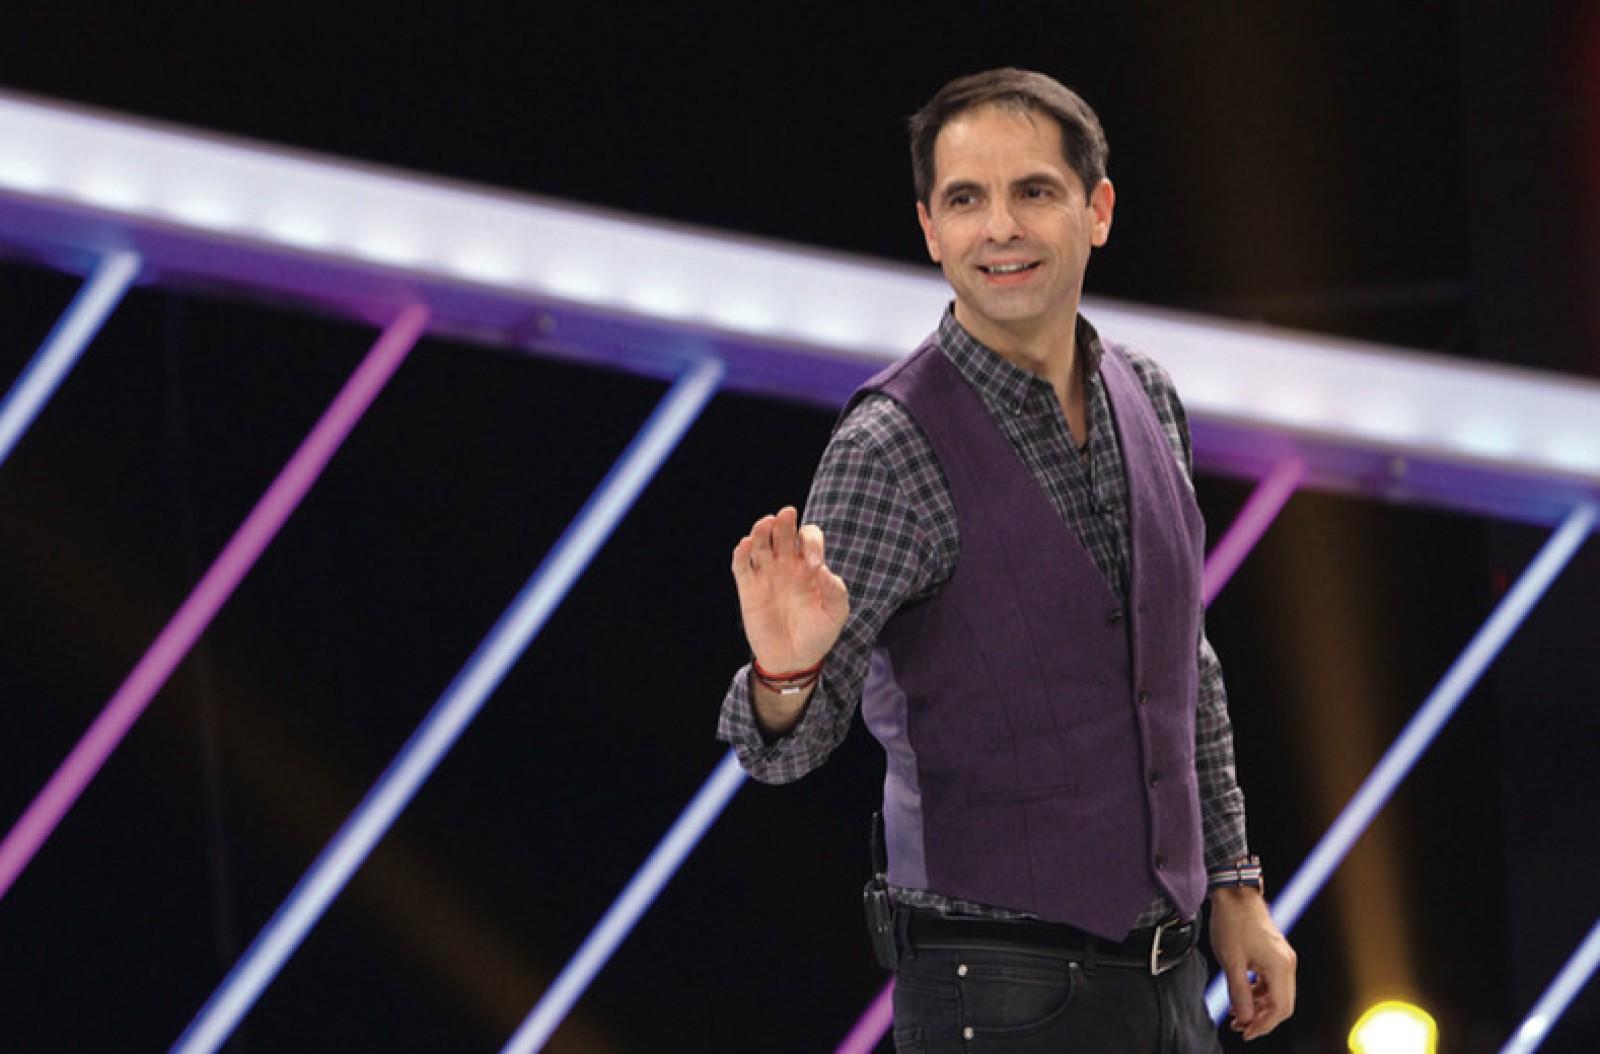 """Prezentatorul TV, Dan Negru critică dur showbizul din România după semifinala Eurovision: """"Ai lor au recunoaștere mondială, de la O-Zone la Carla's. Ai noștri au freze și fițe"""""""